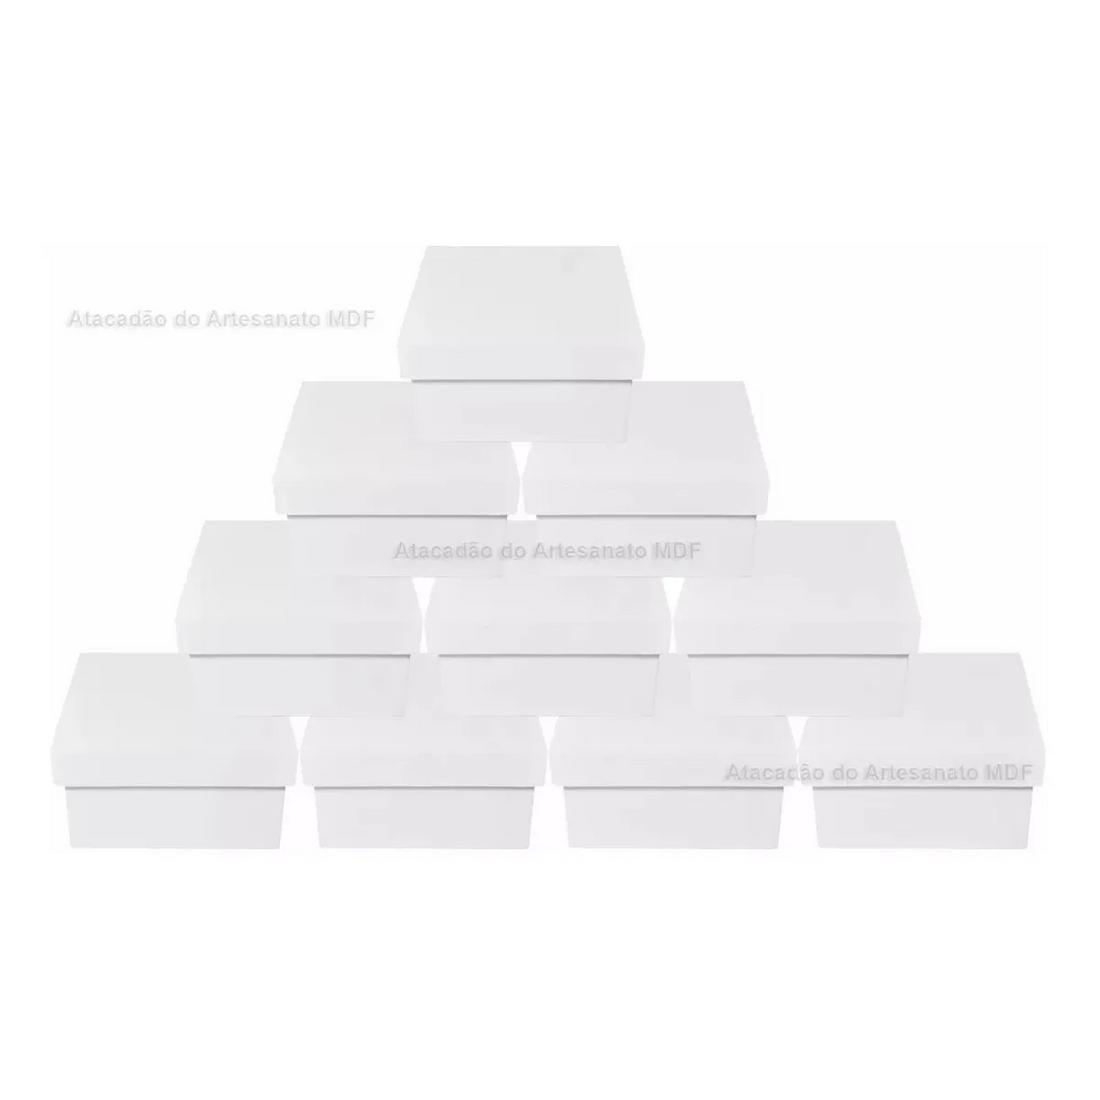 kIT-10-Caixa-Quadrada-Tampa-Sapato-8x8x5-Mdf-Madeira-Pintado